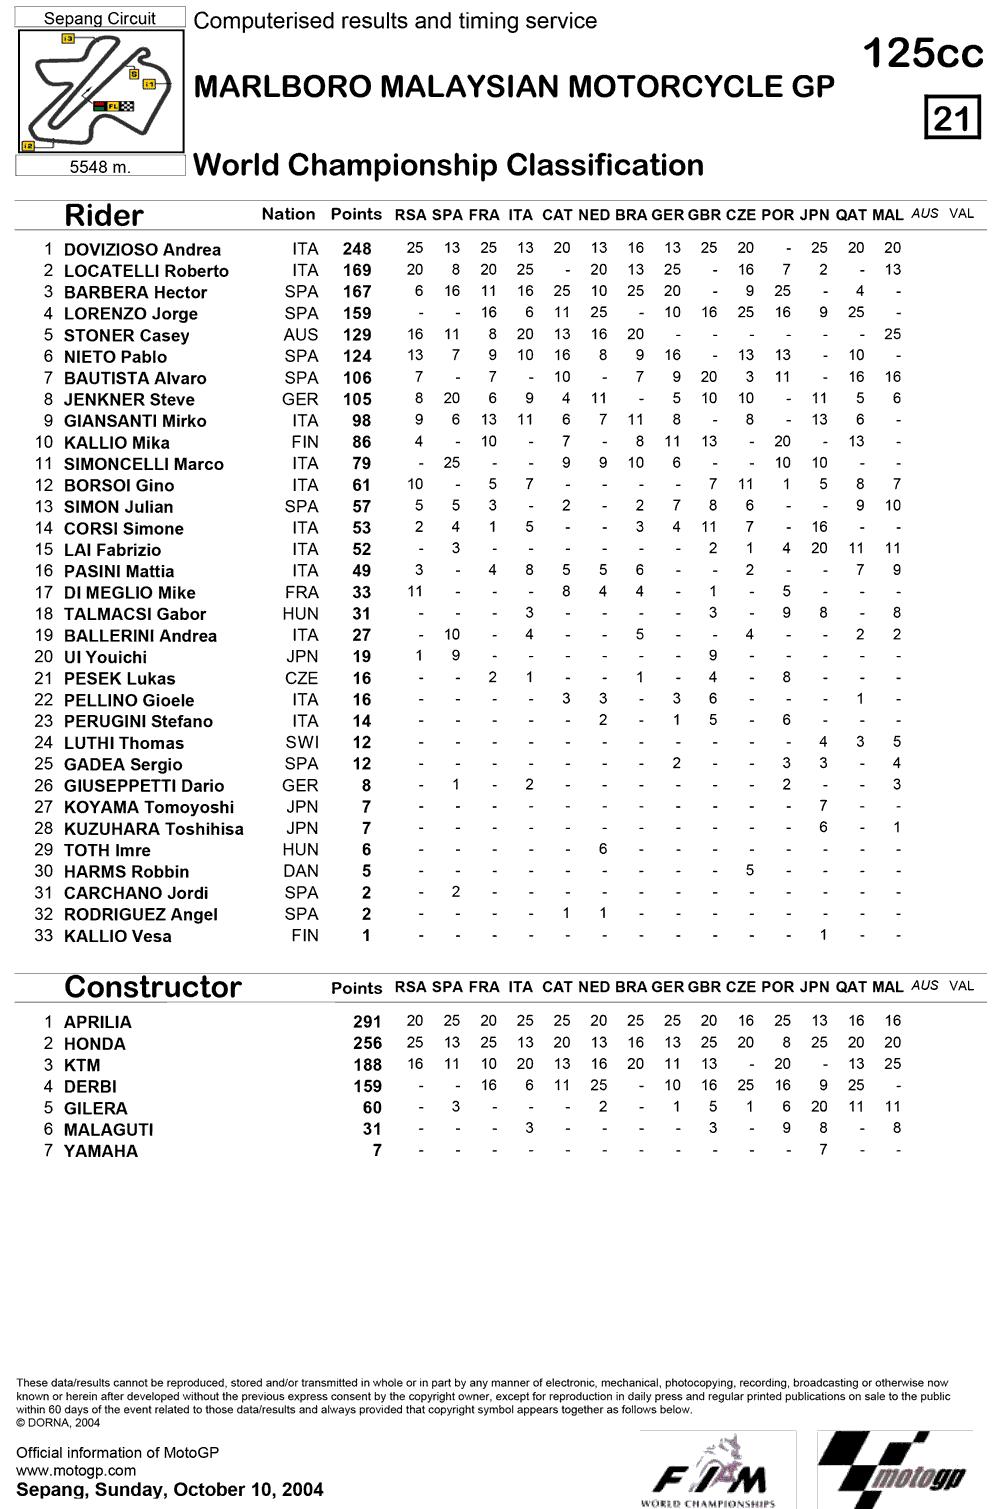 Позиции в чемпионате после четырнадцатой гонки 125cc Гран-При Малайзии 2004